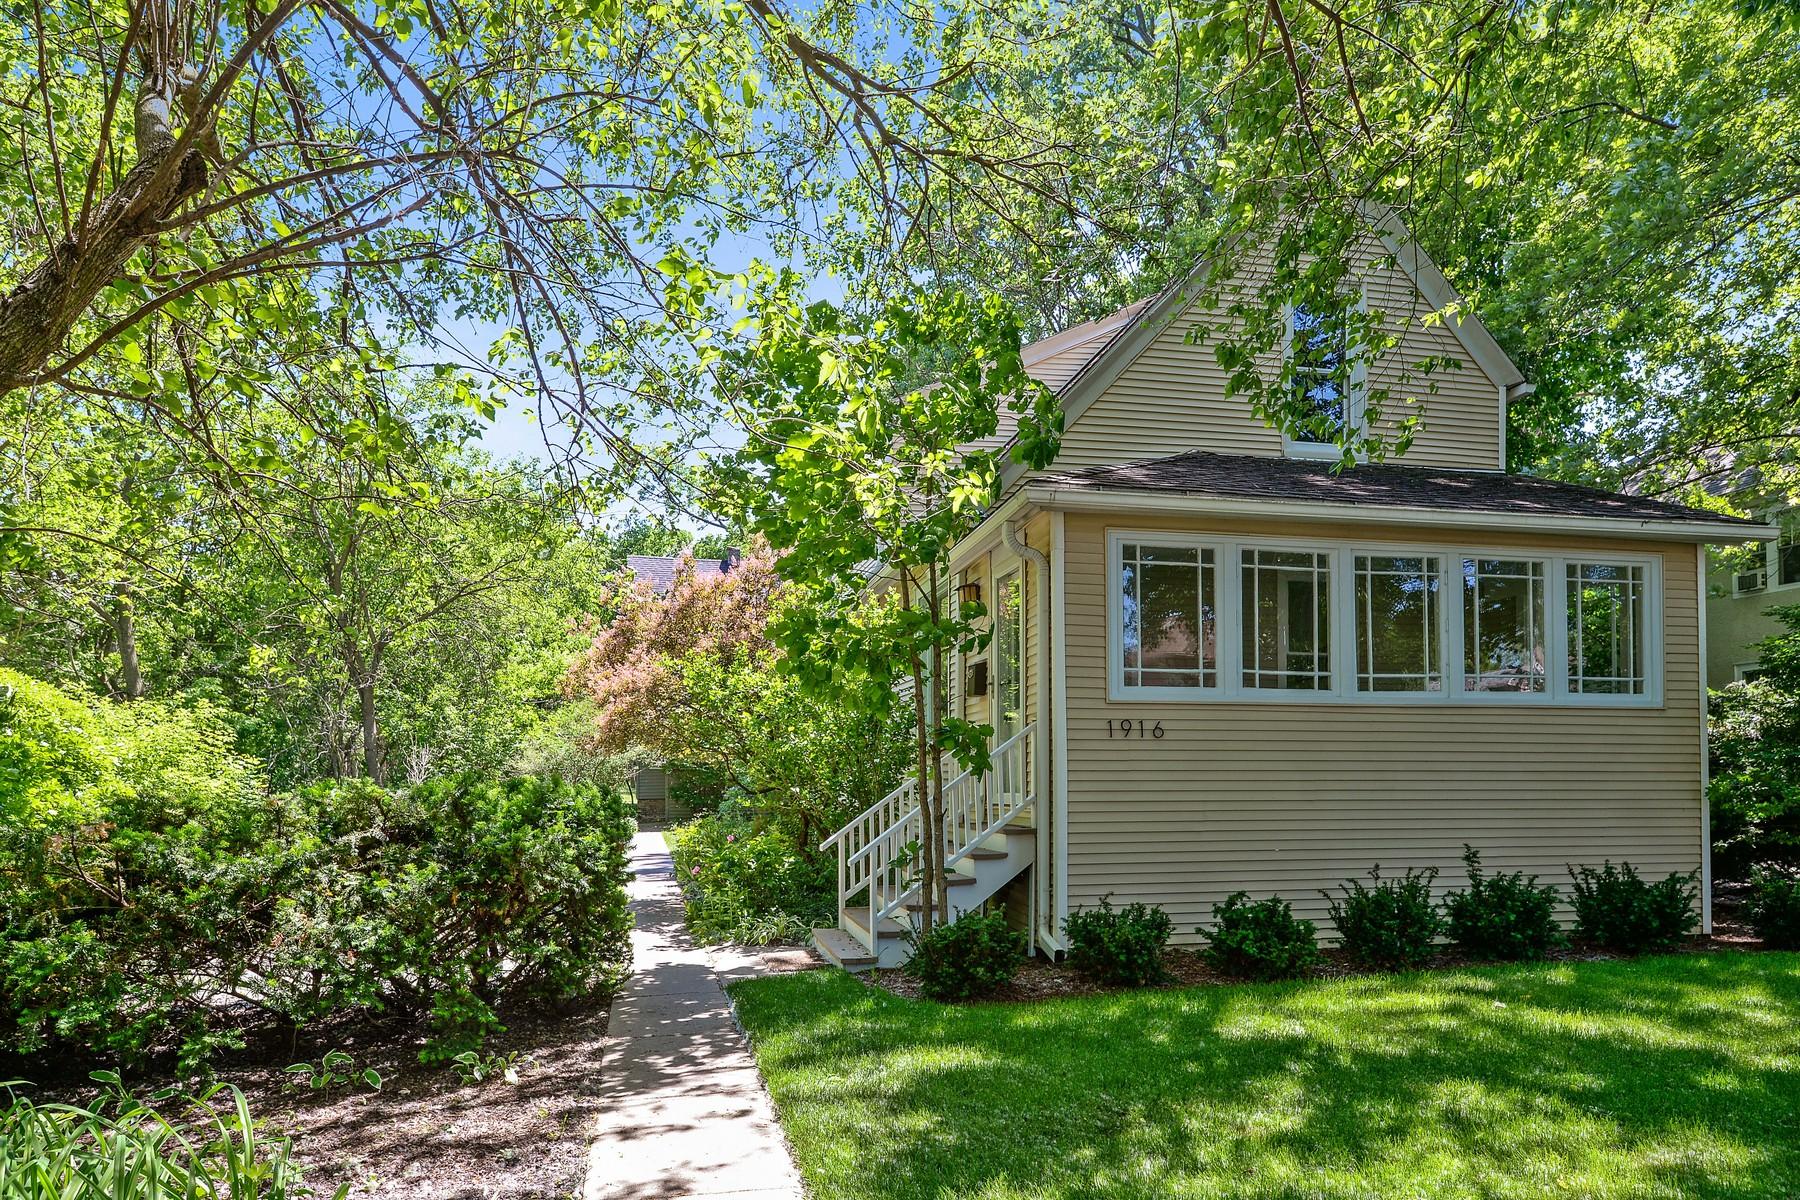 Nhà ở nhiều gia đình vì Bán tại Charming Two Story Farmhouse 1916 Noyes Street Evanston, Illinois, 60201 Hoa Kỳ